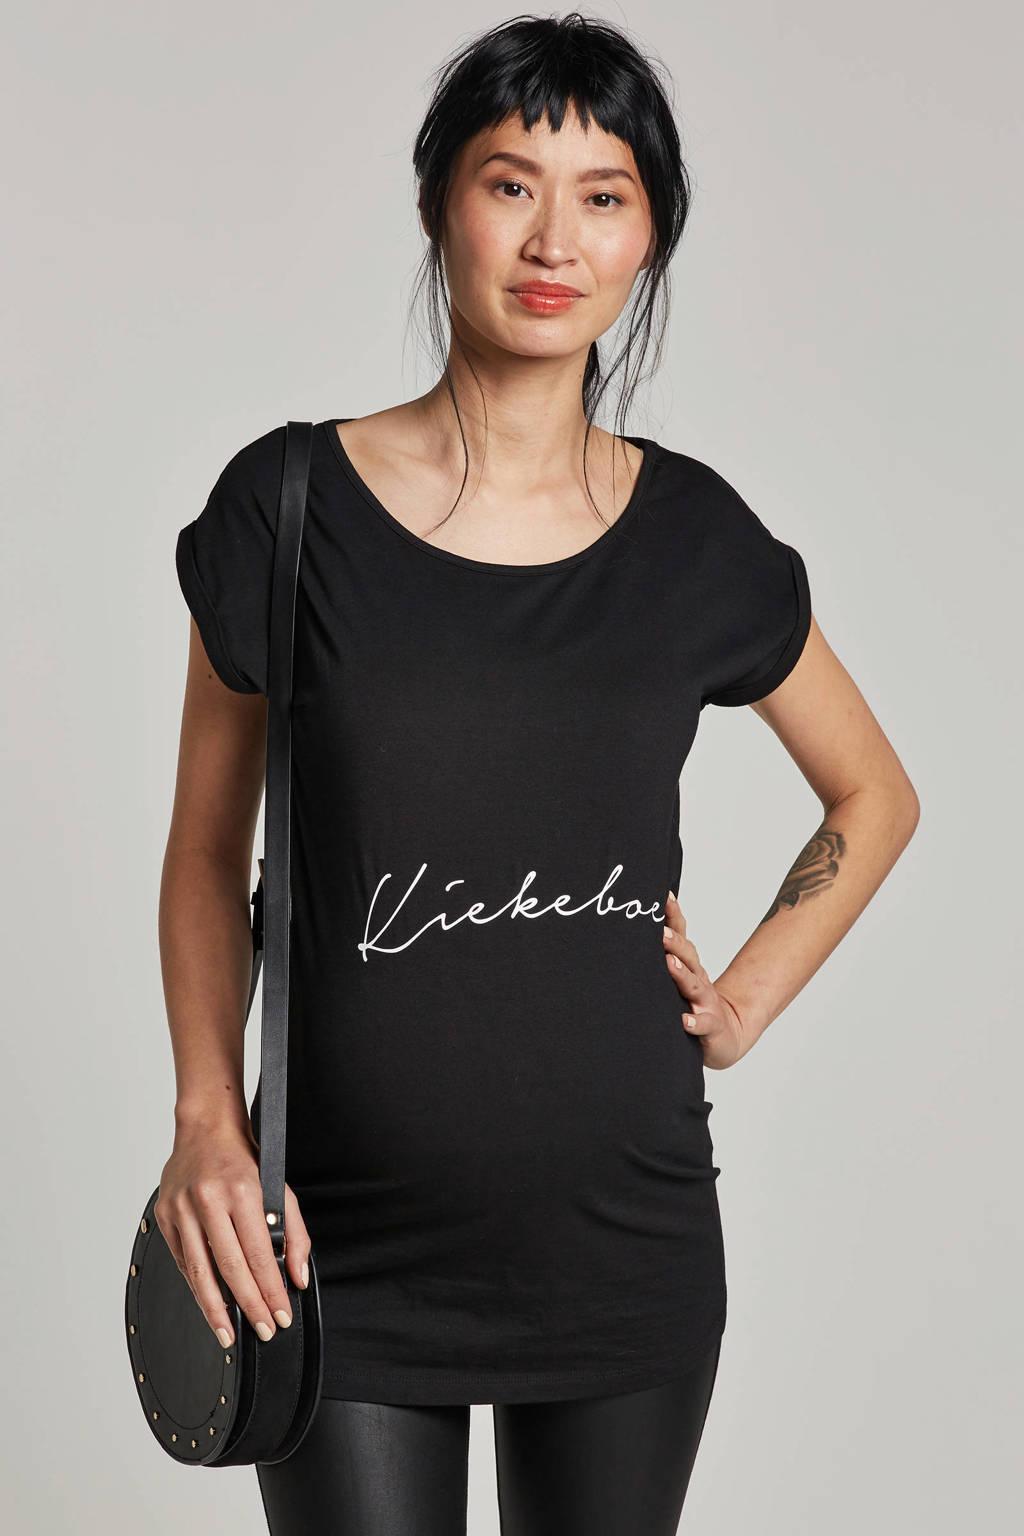 Your Wishes zwangerschaps T-shirt Kiekeboe zwart, Zwart/wit